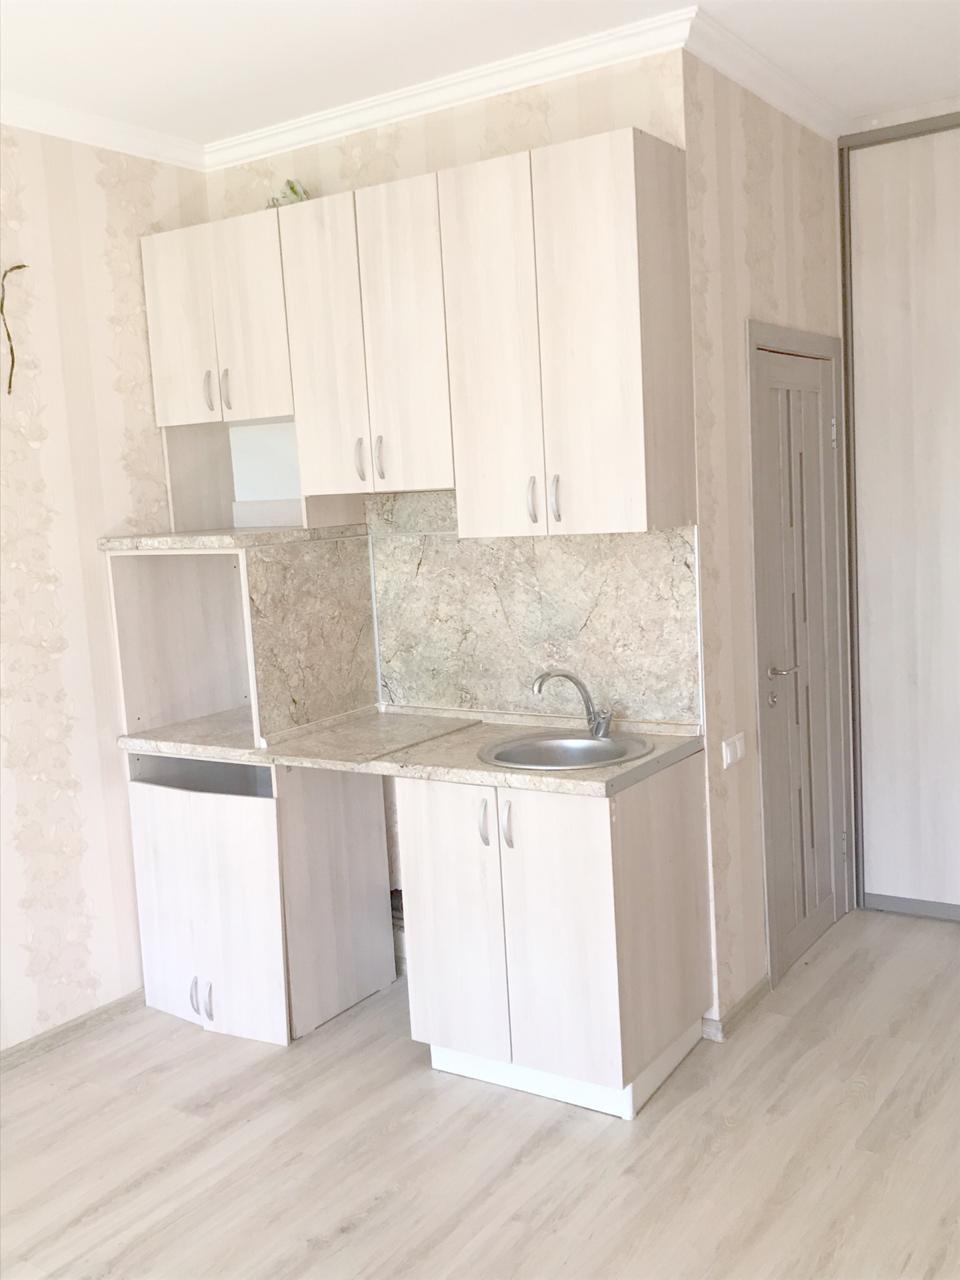 Продам - квартира на Фабрициуса -Фабрициуса - цена: 3700000